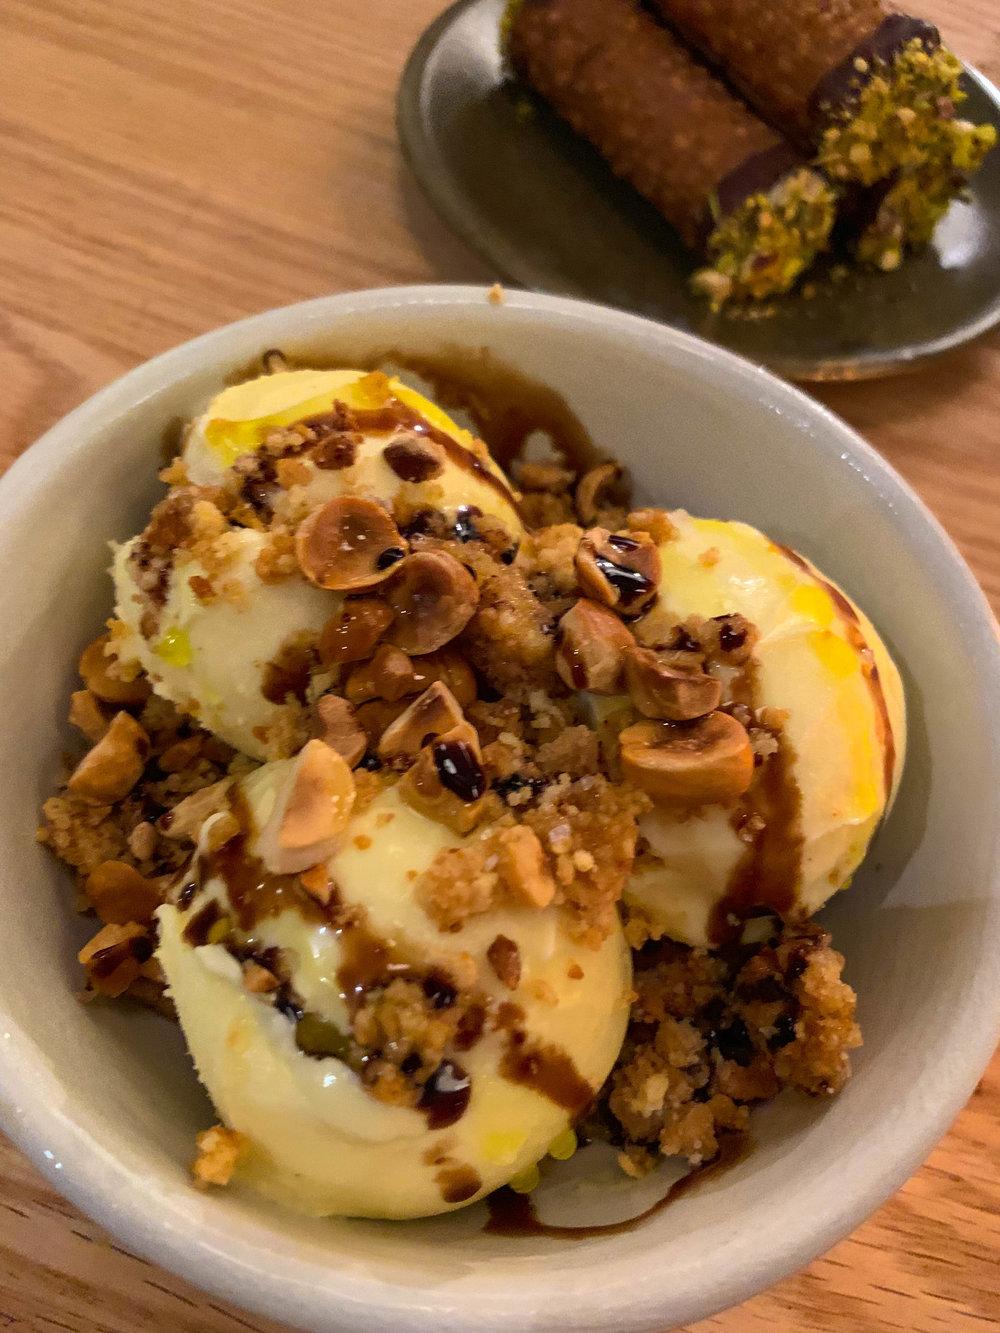 Ice Cream - Hazelnut, Balsamic, olive oil, orange-anise crumble, maldon